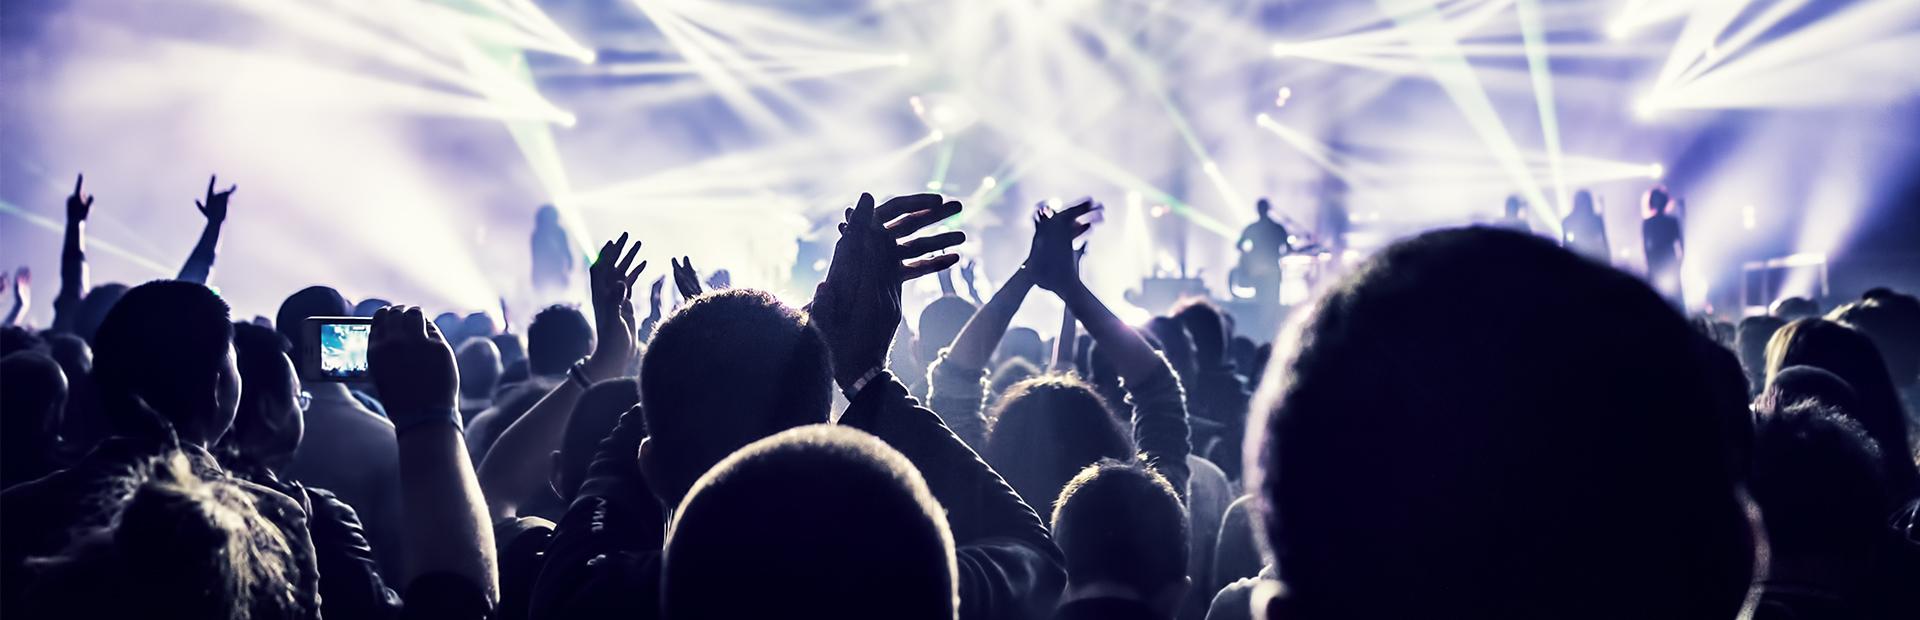 Zdjęcie ilustracja przedstawiająca widownię podczas koncertu muzycznego.